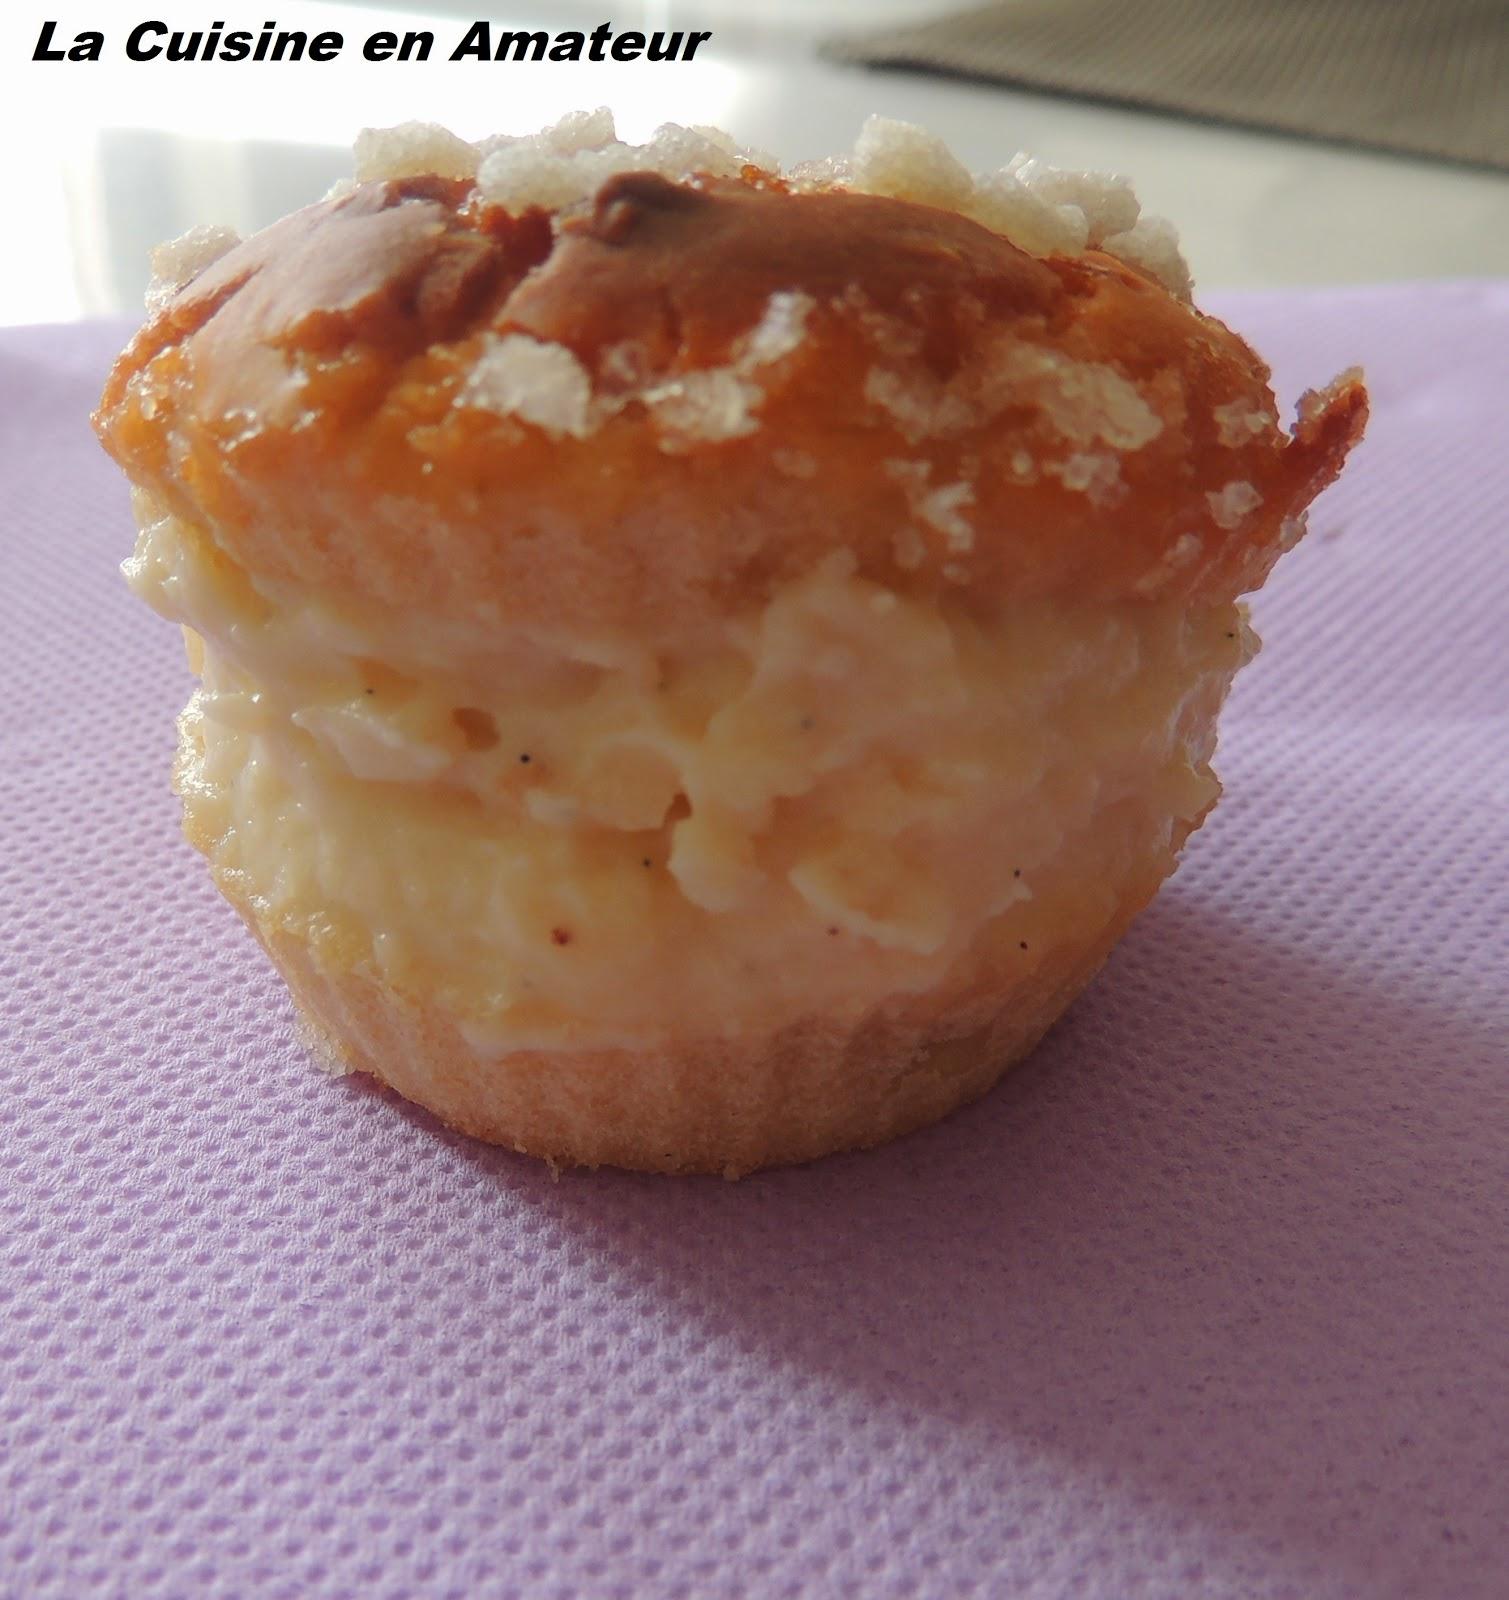 La cuisine en amateur de maryline briochette garnie d 39 une - Une mousseline en cuisine ...